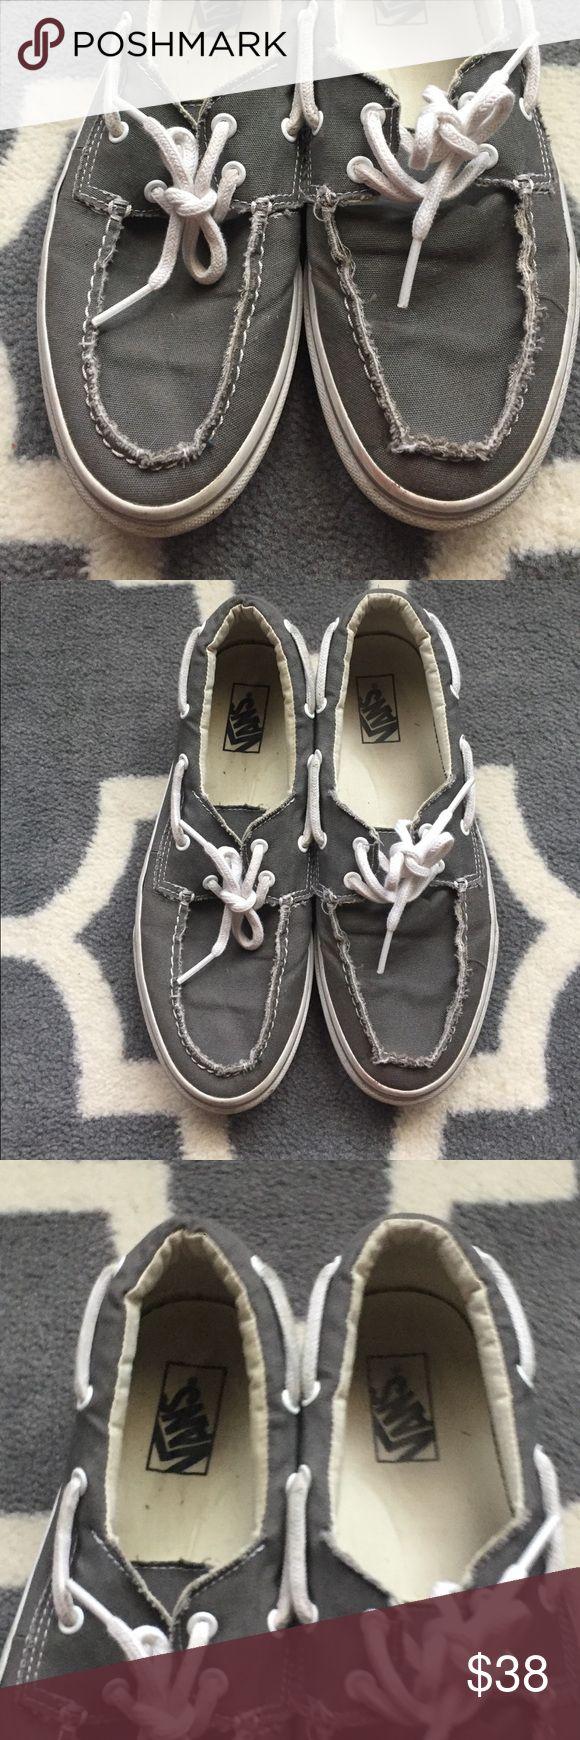 Van Boat Shoes Grey canvas vans boat shoes Vans Shoes Boat Shoes